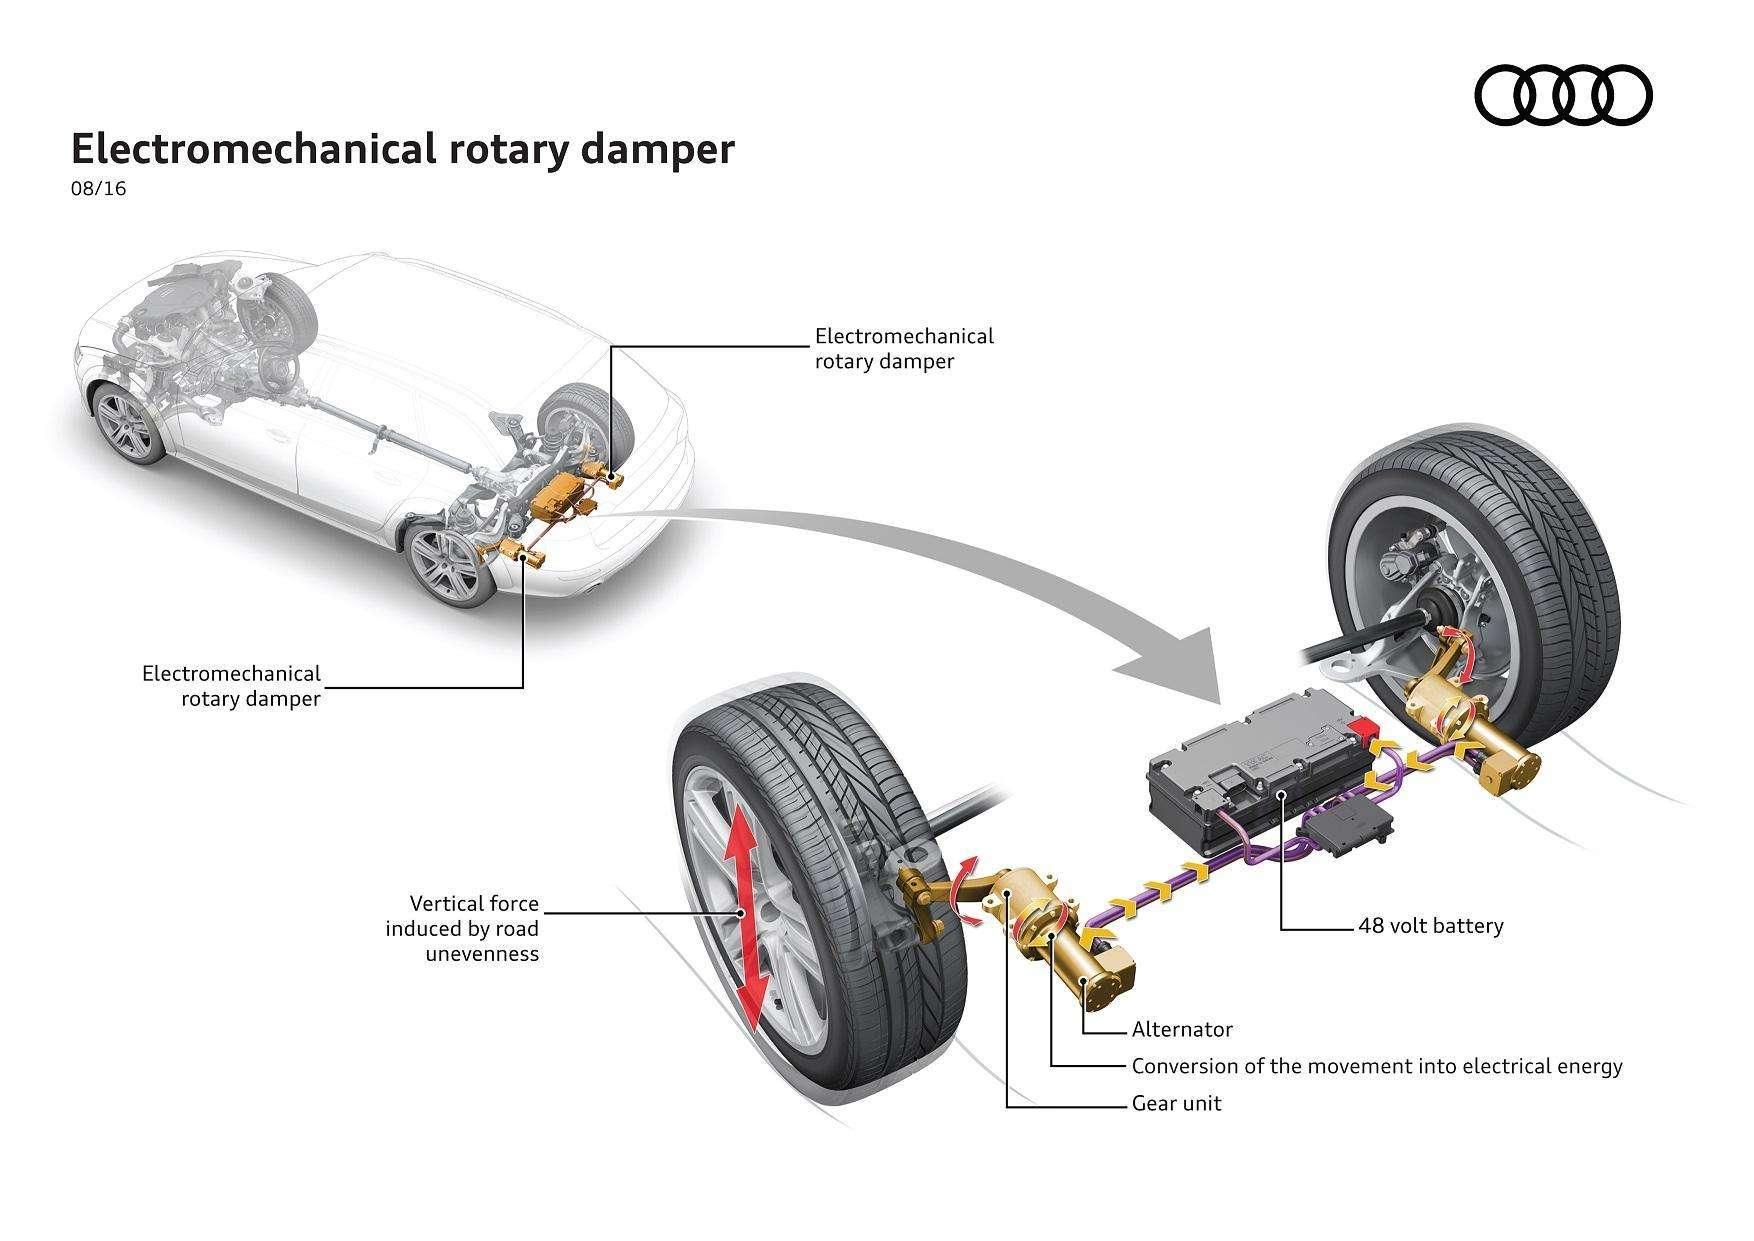 Audi desenvolve inédito sistema de amortecedores que recuperam energia cinética